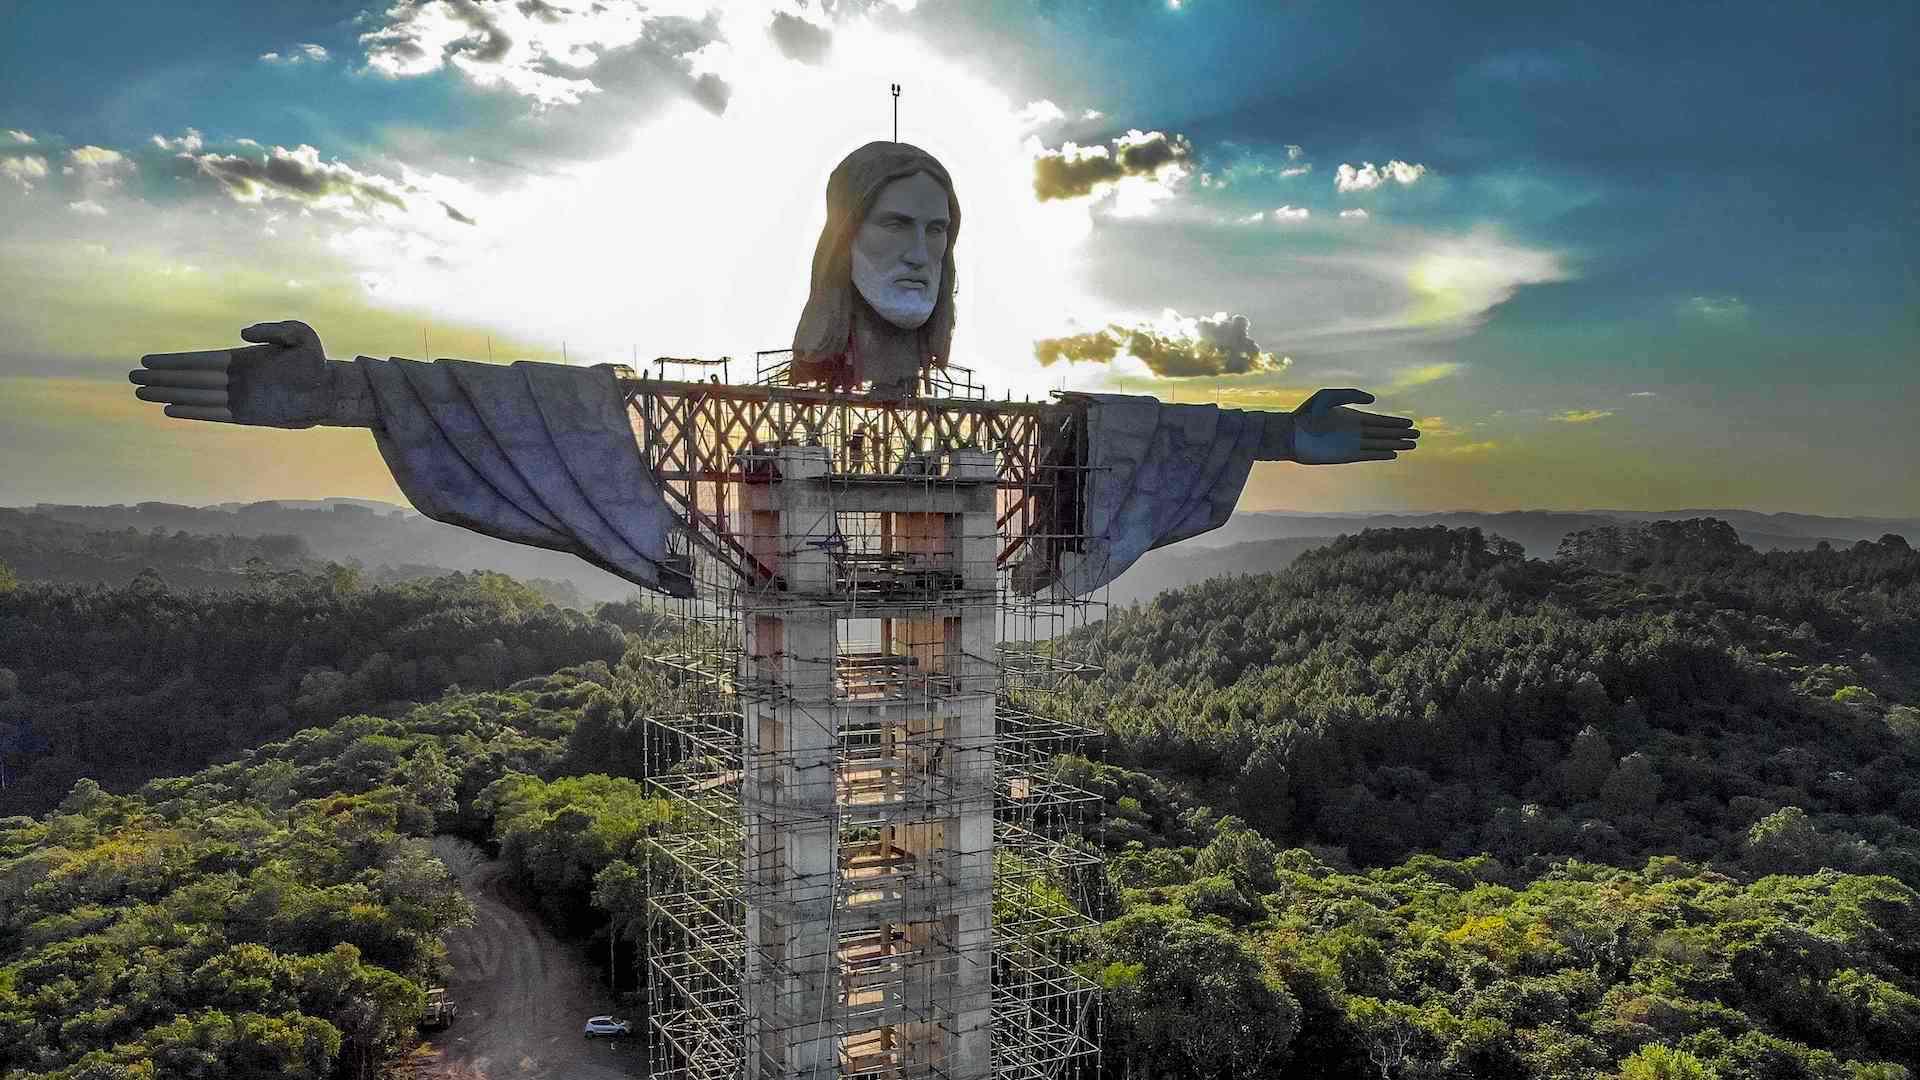 Brasil tendrá una nueva estatua de Cristo: El Protector más alta que El Redentor